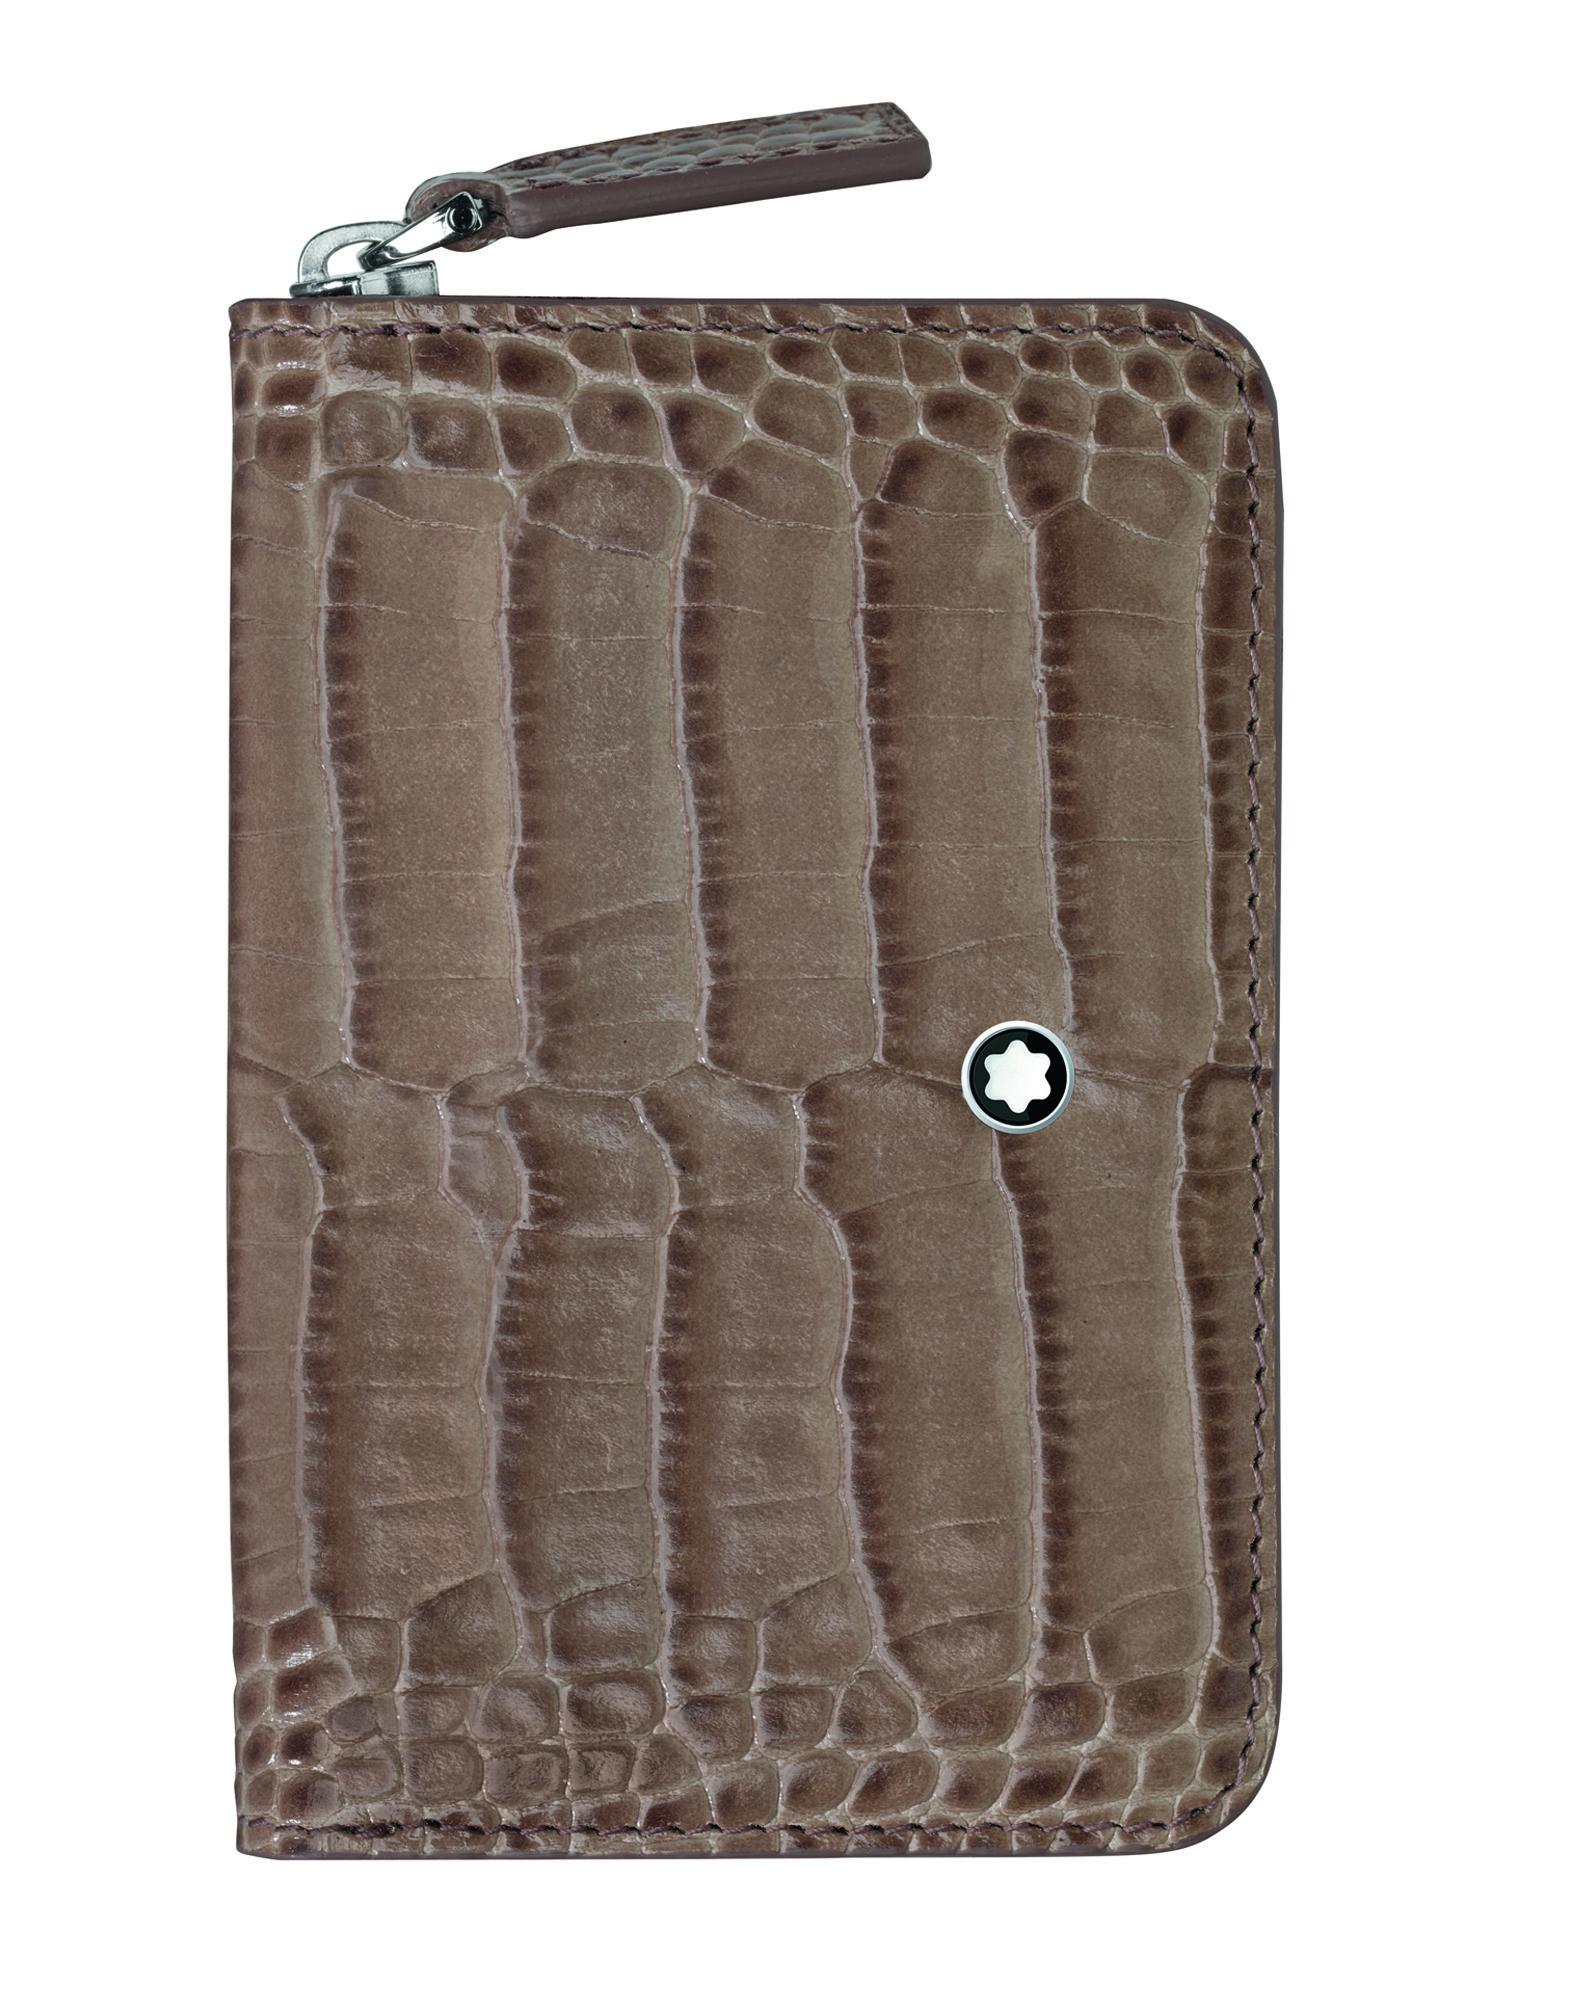 MONTBLANC Кошелек для монет горячие корейской леди женщины хобо кожа pu посланника плеча сумки totes кошелек